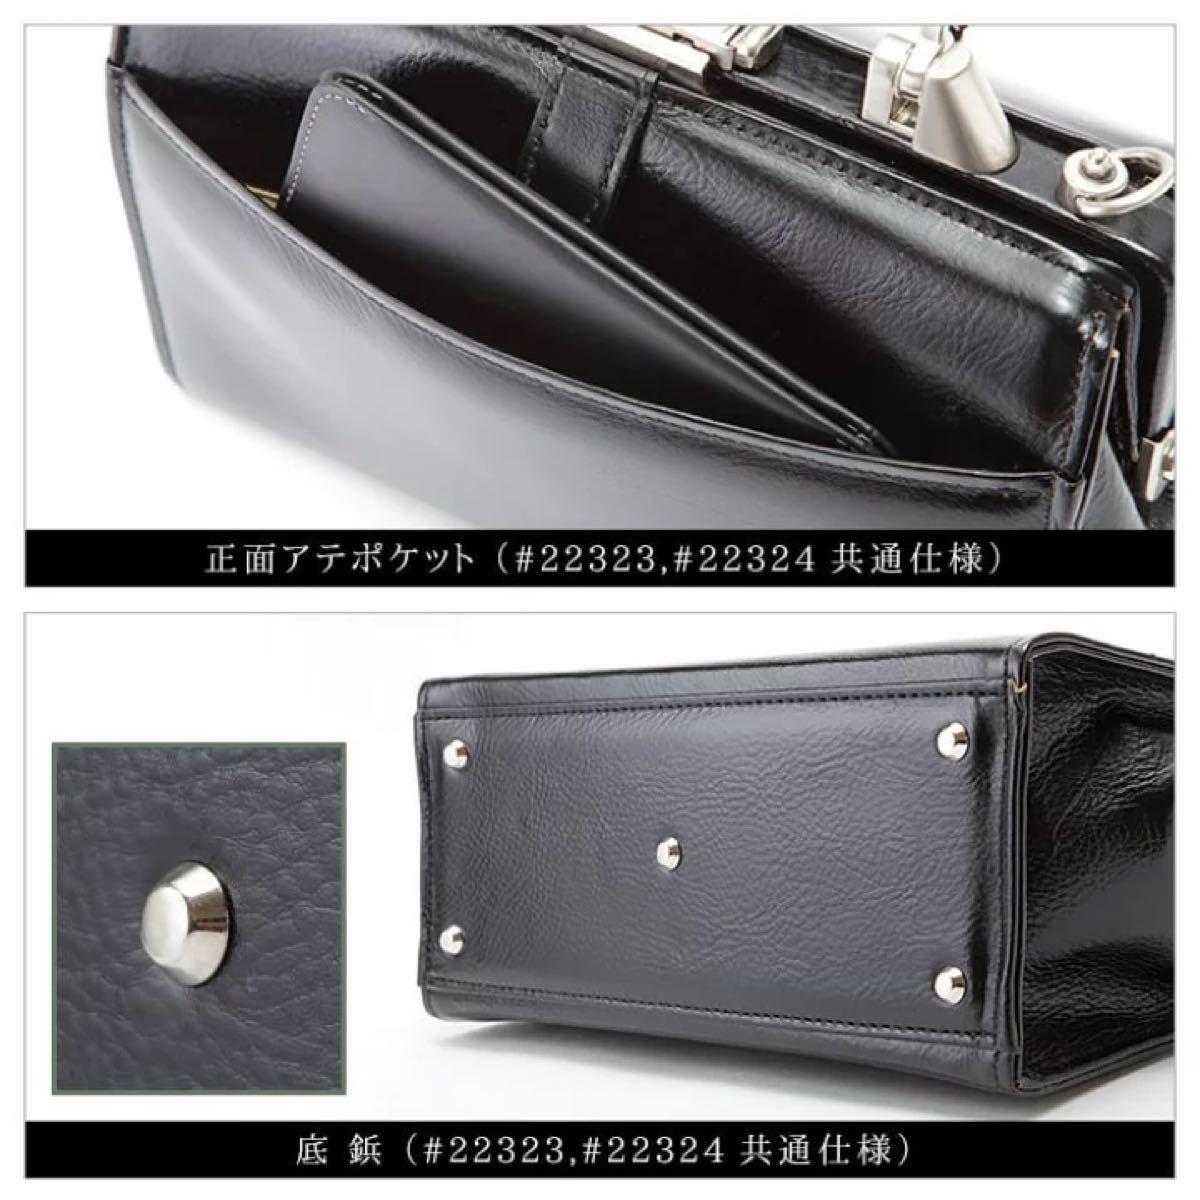 まとめ割引あり ダレスバッグ ビジネスバッグ メンズ レディース 本革 ブランド 自立 牛革 セカンドバッグ 日本製 22324